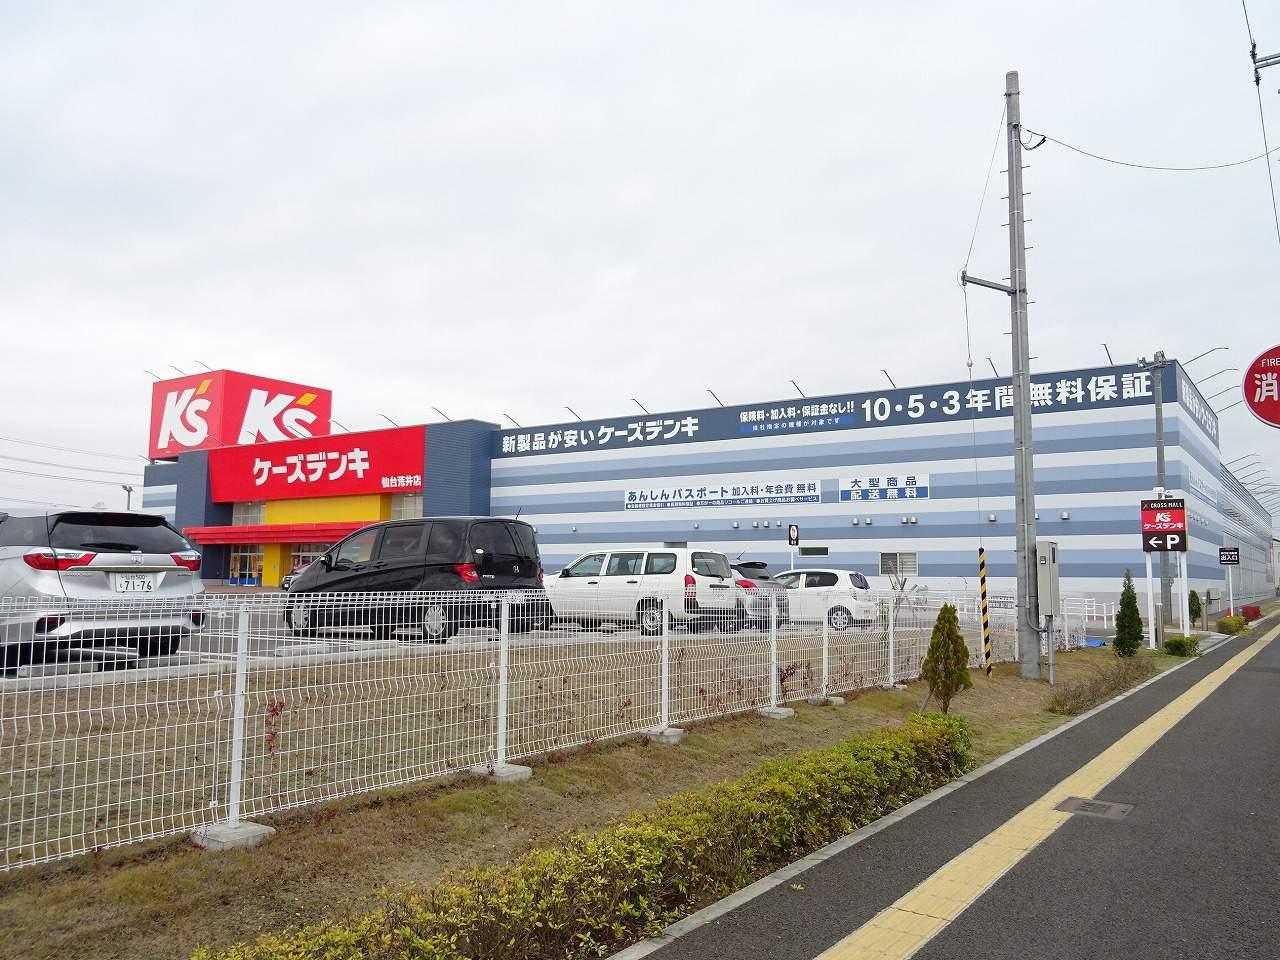 ケーズデンキ東仙台店 1123m